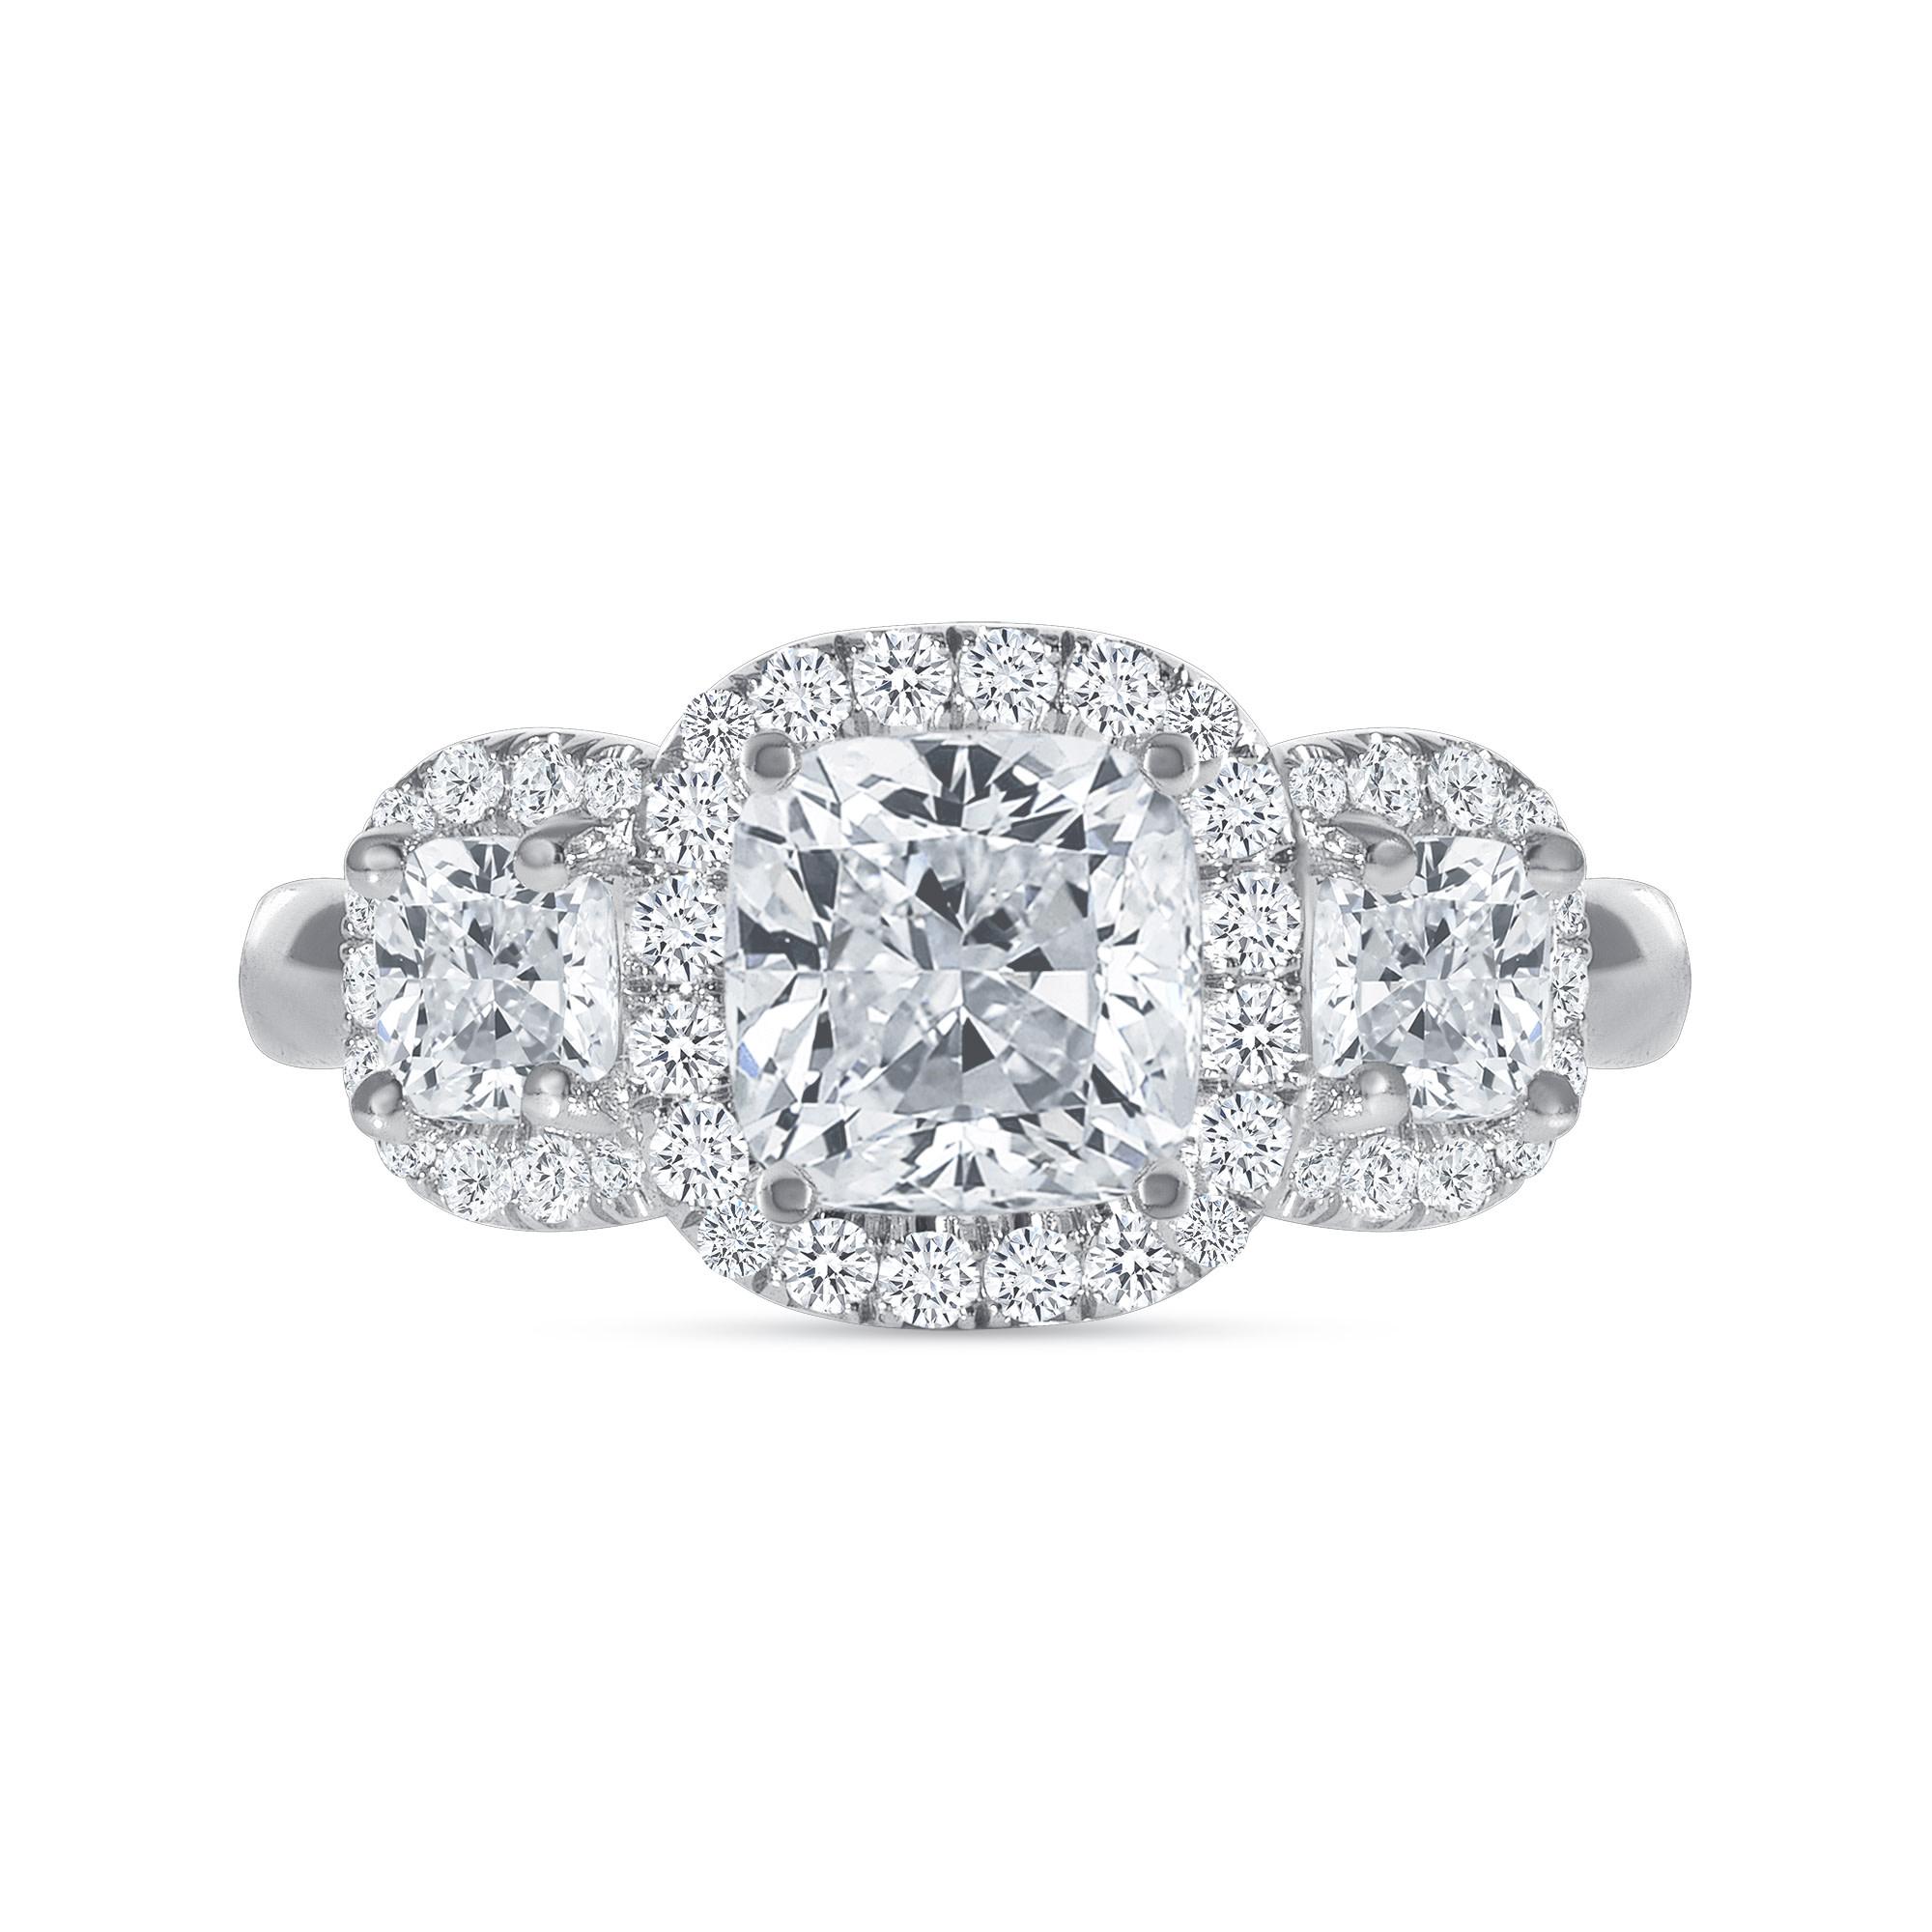 cushion shaped diamond engagement ring white gold